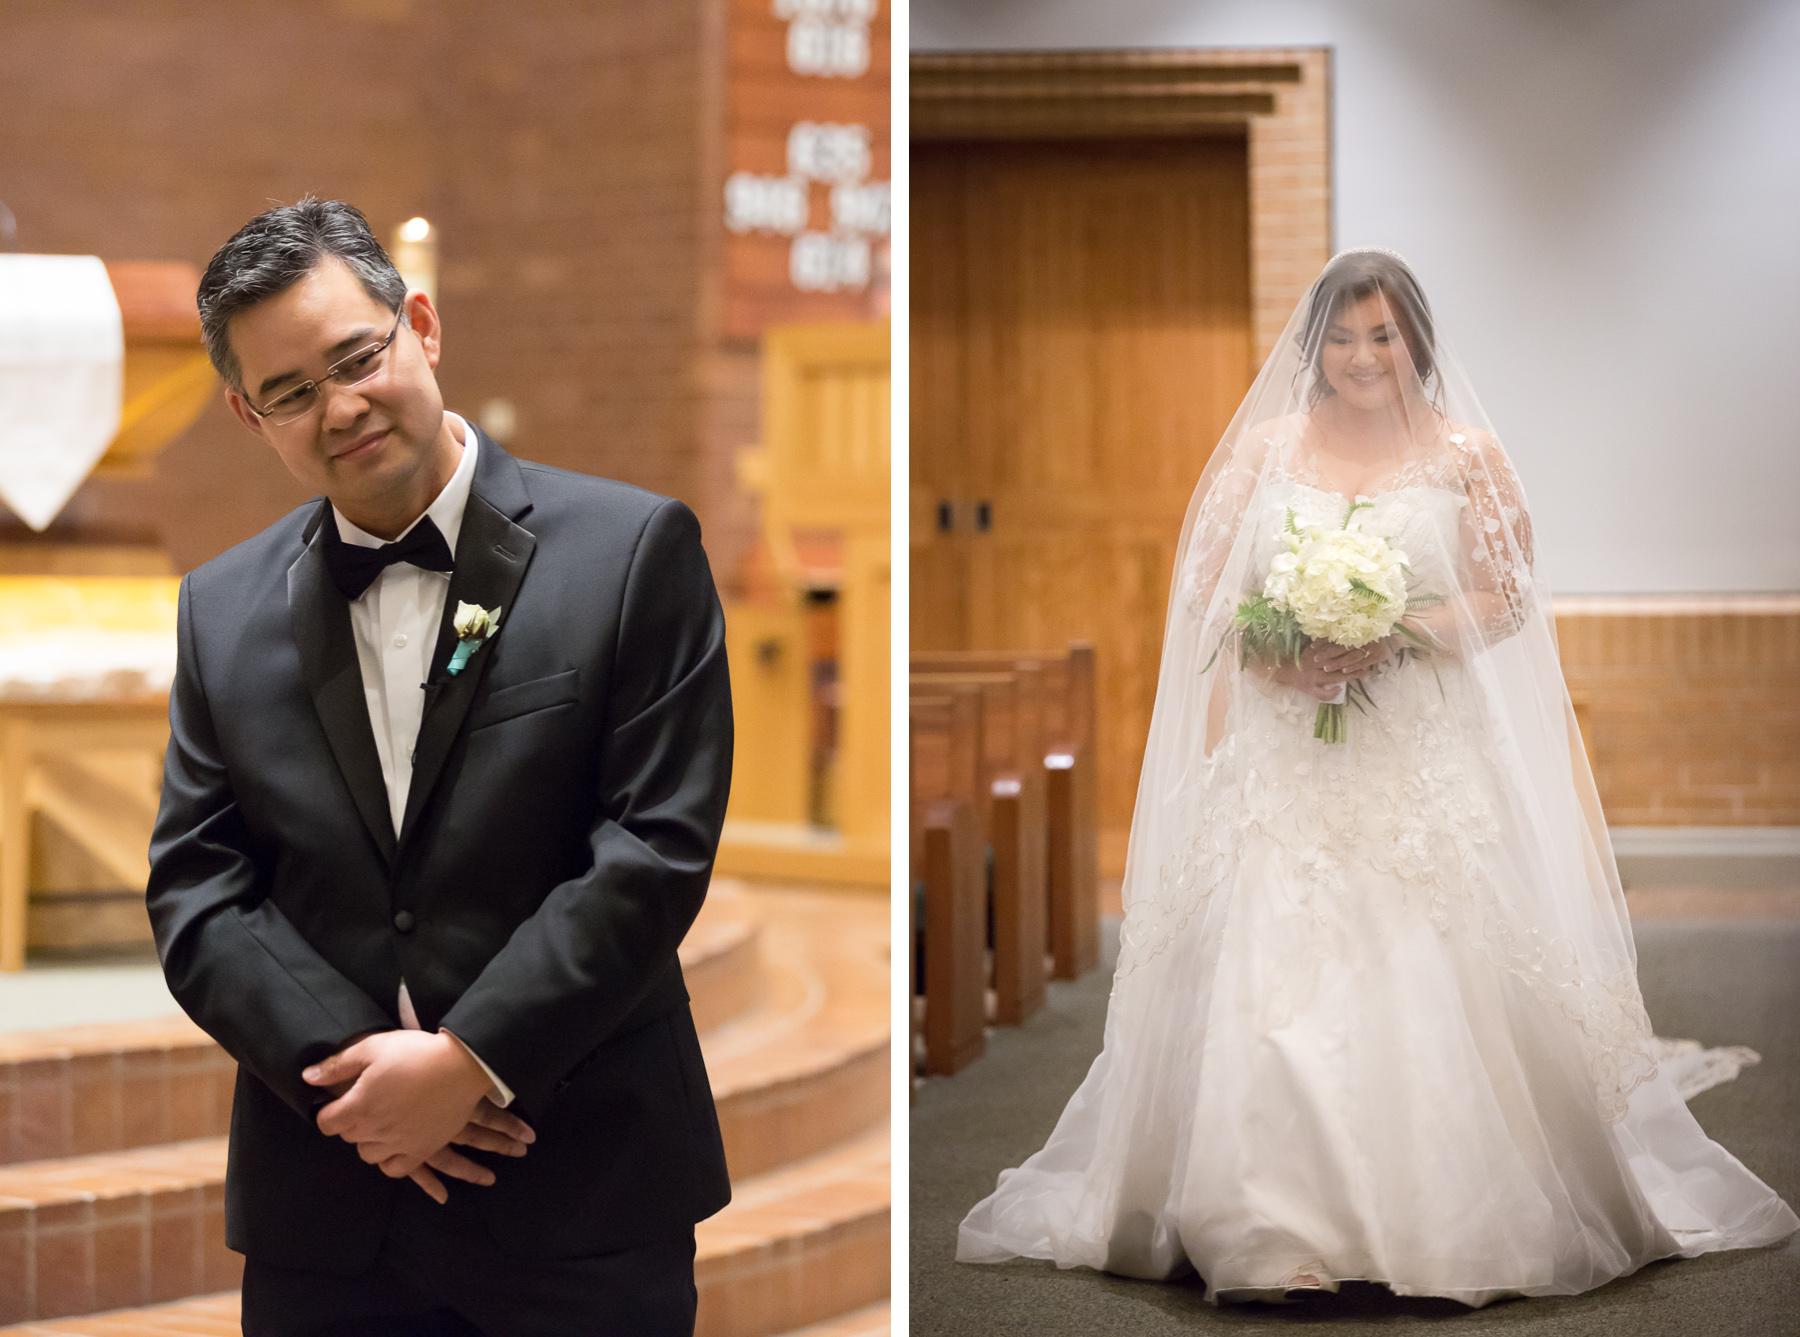 church-ceremony-photographer-texas.jpg